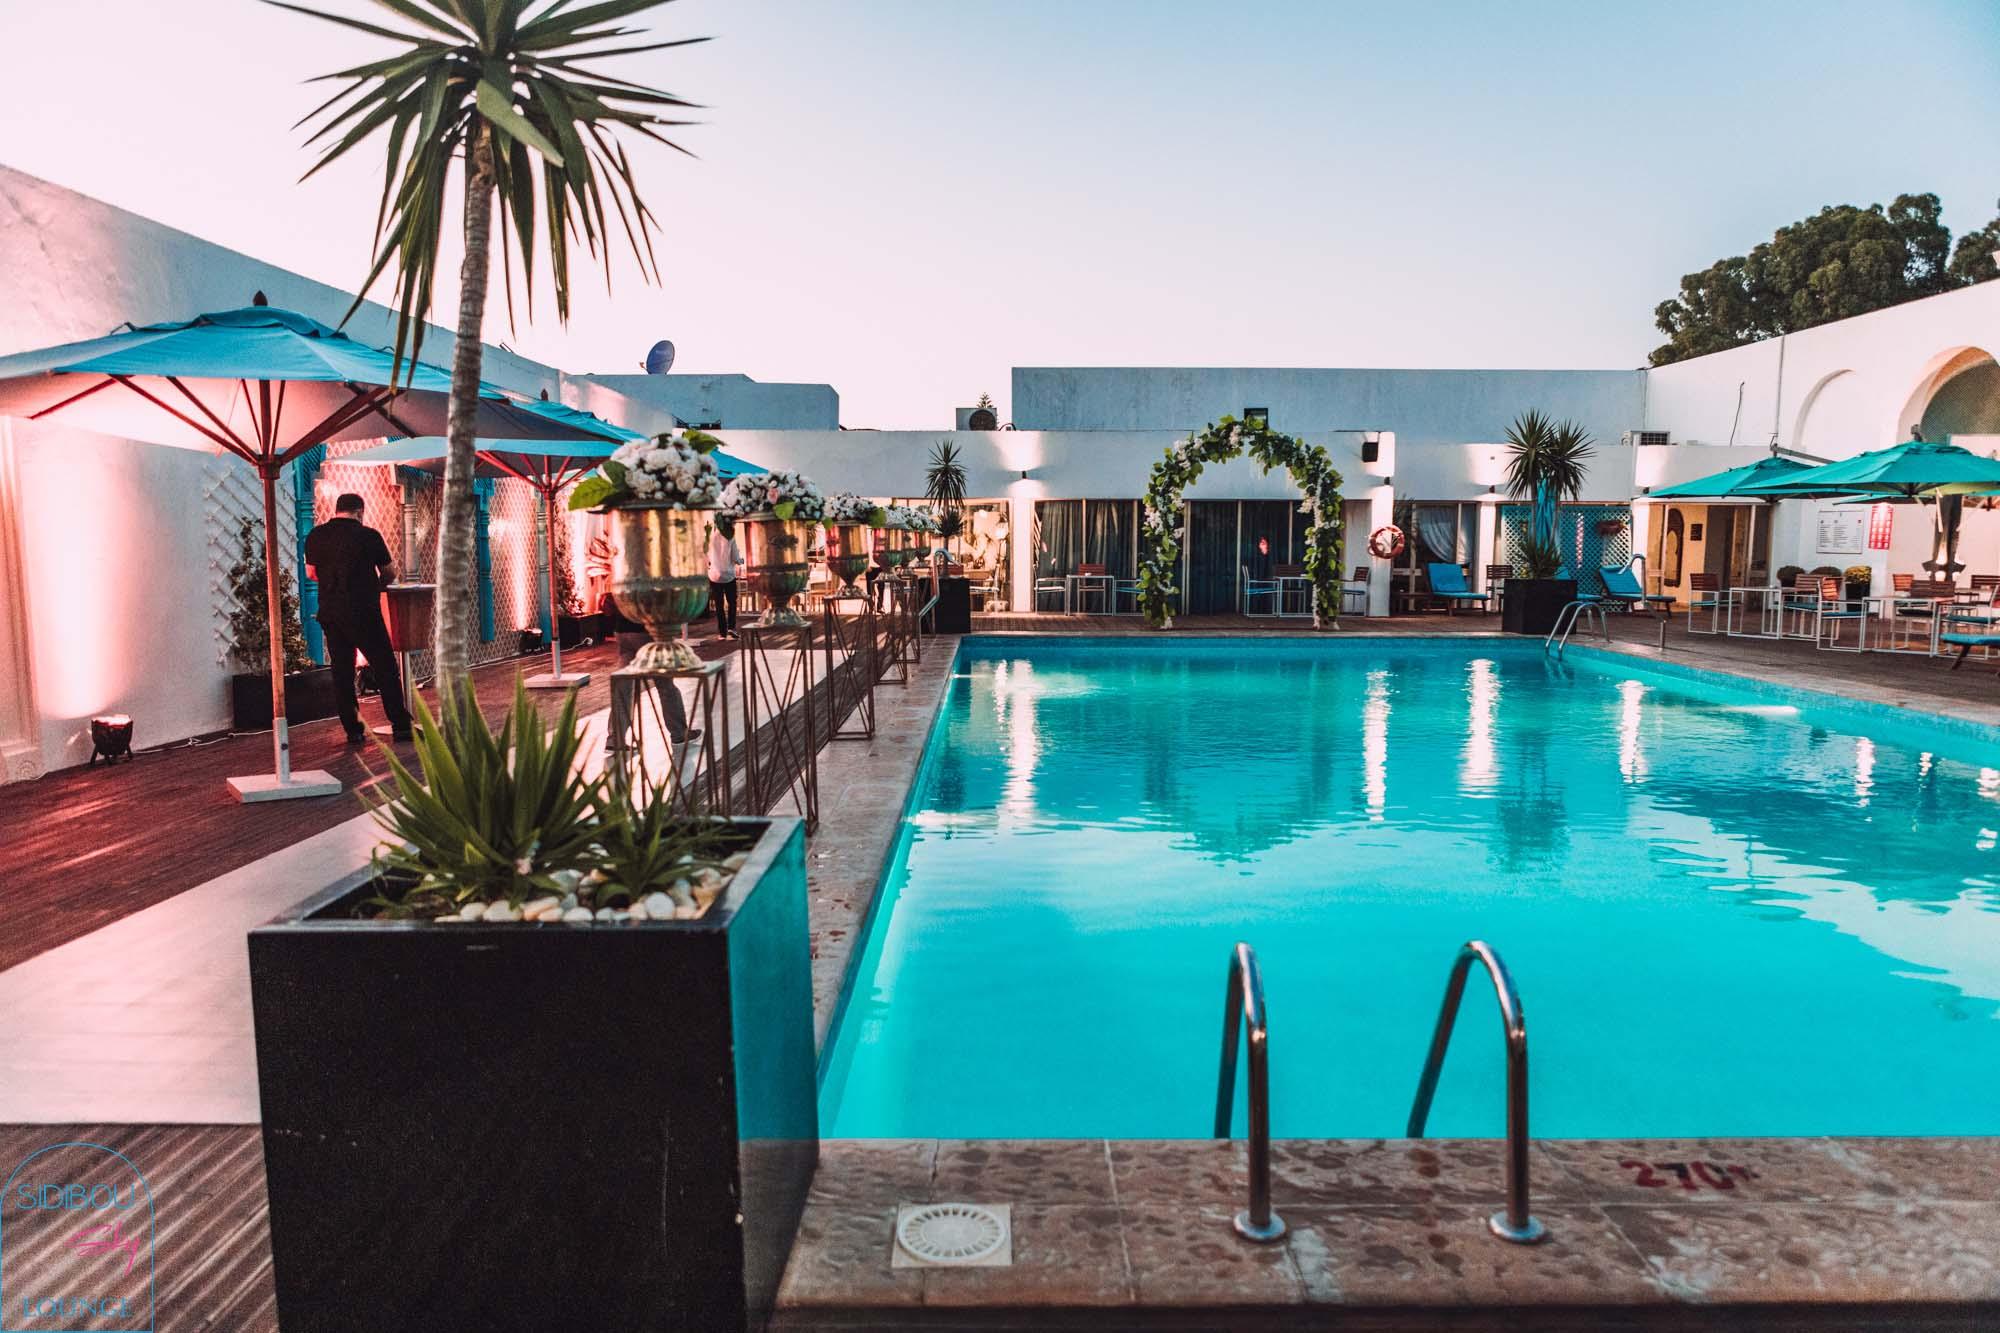 L'hôtel Sidi Bou Saïd ouvre officiellement ses portes:photos